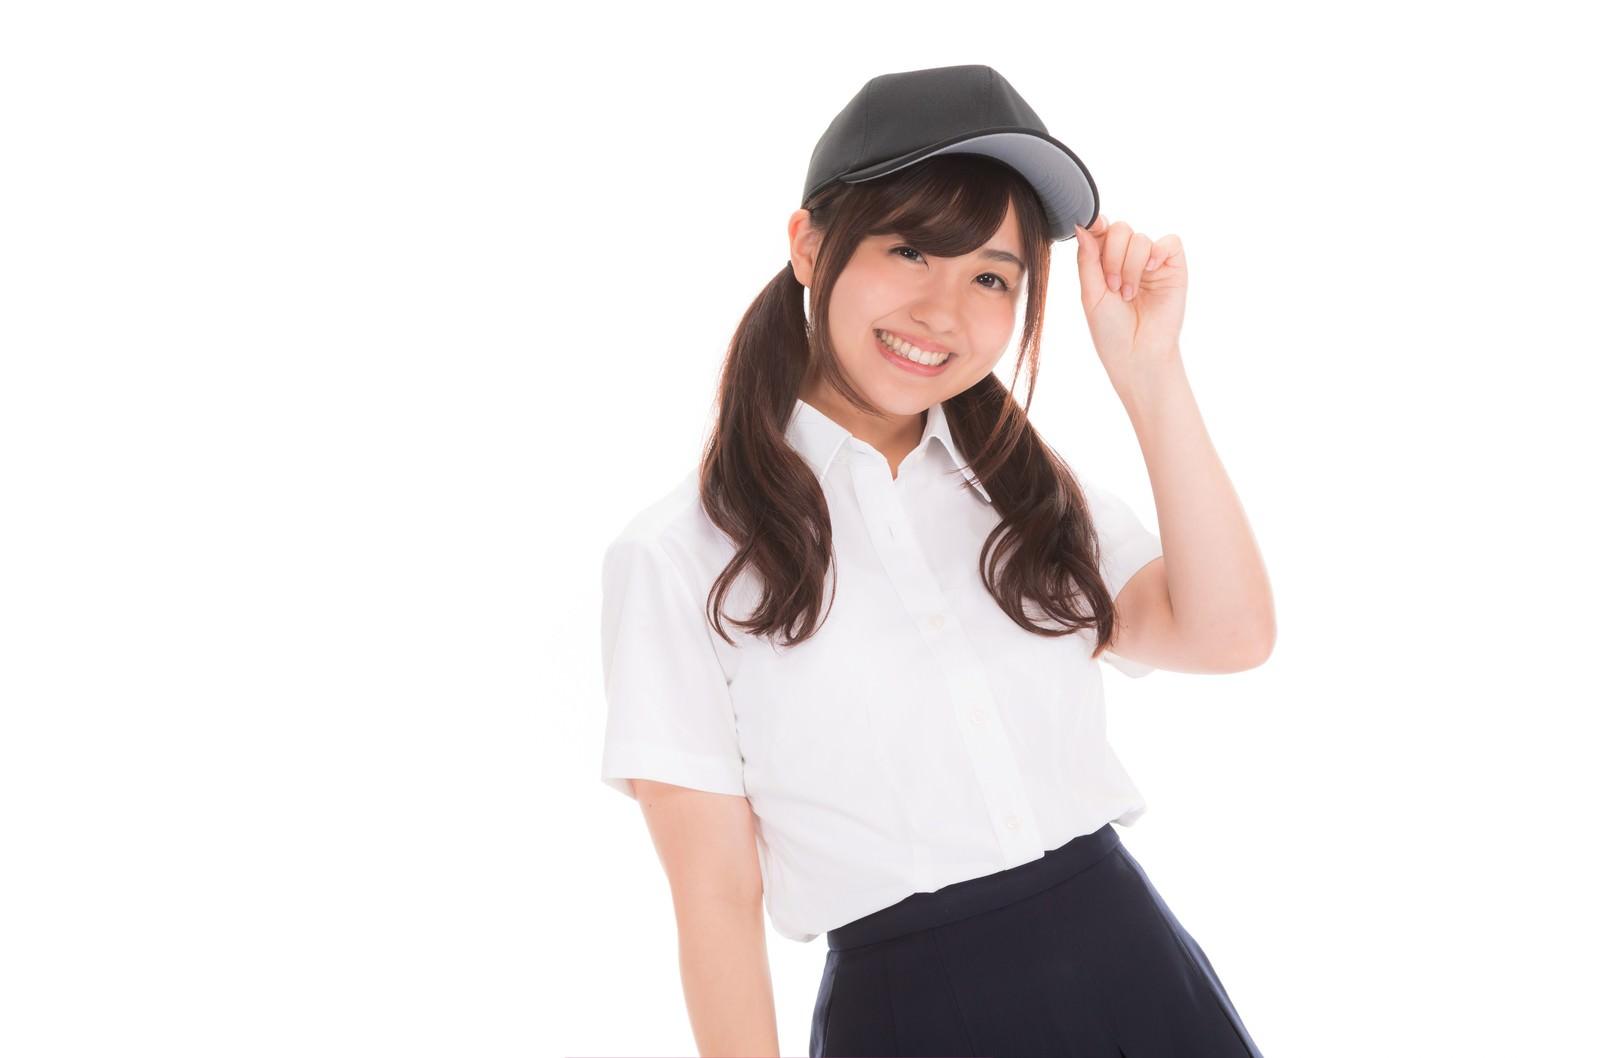 「笑顔が可愛い女子マネ」の写真[モデル:河村友歌]